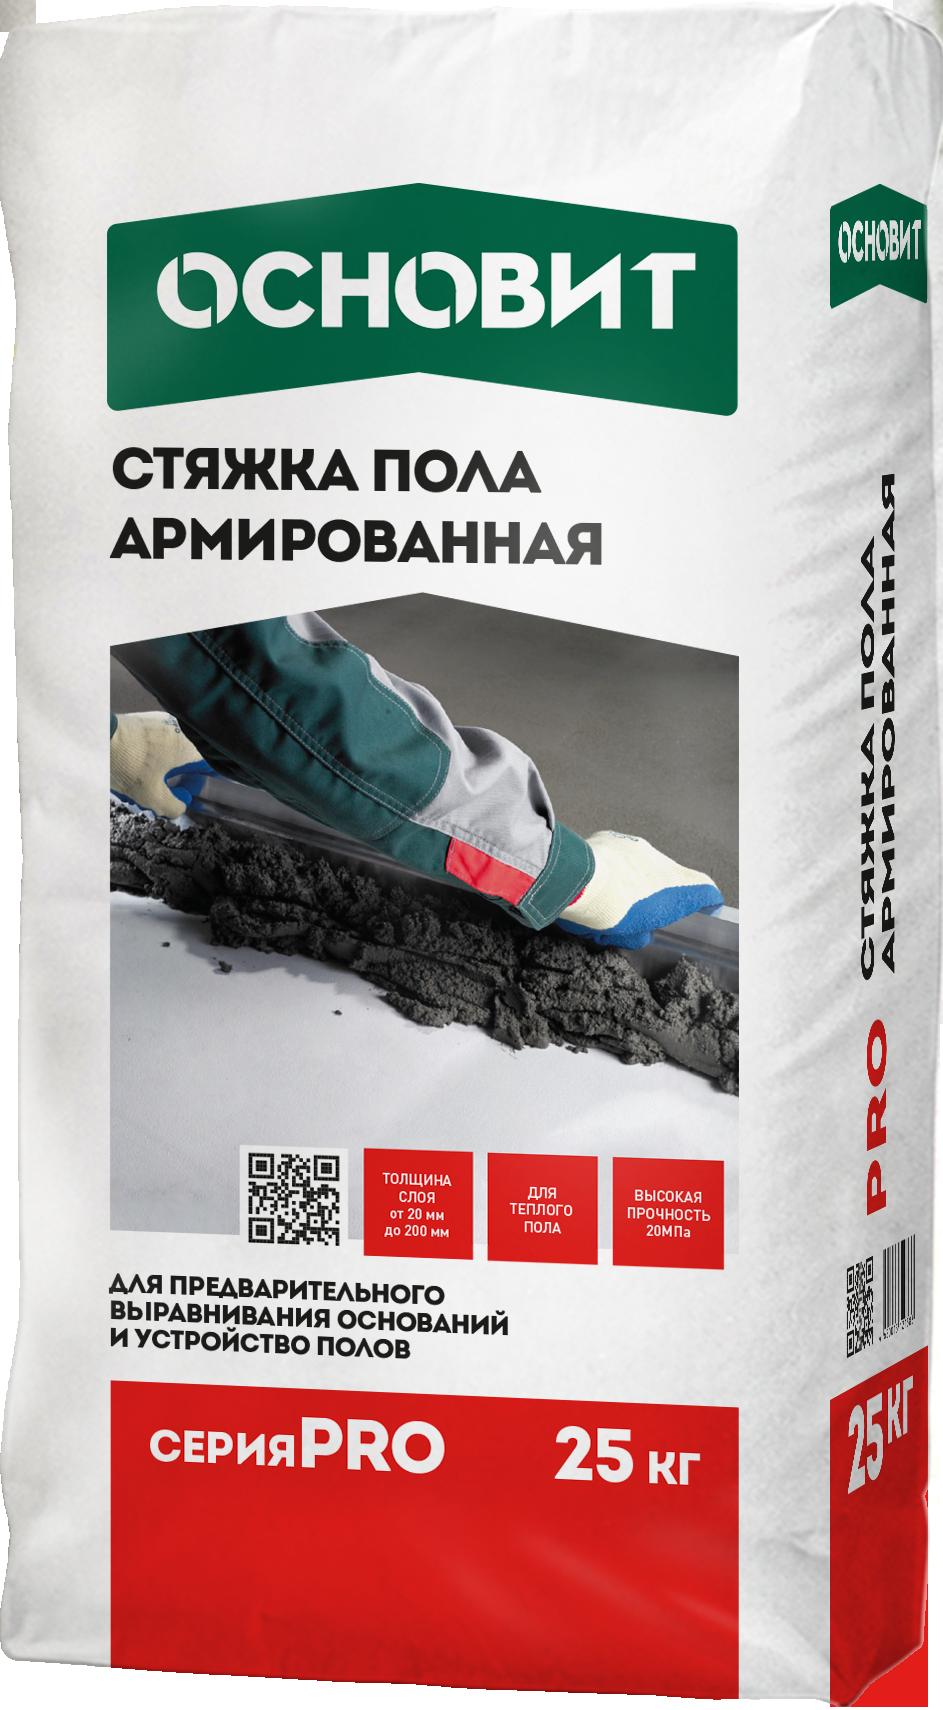 Купить Стяжка пола армированная Основит Pro, 25 кг — Фото №1